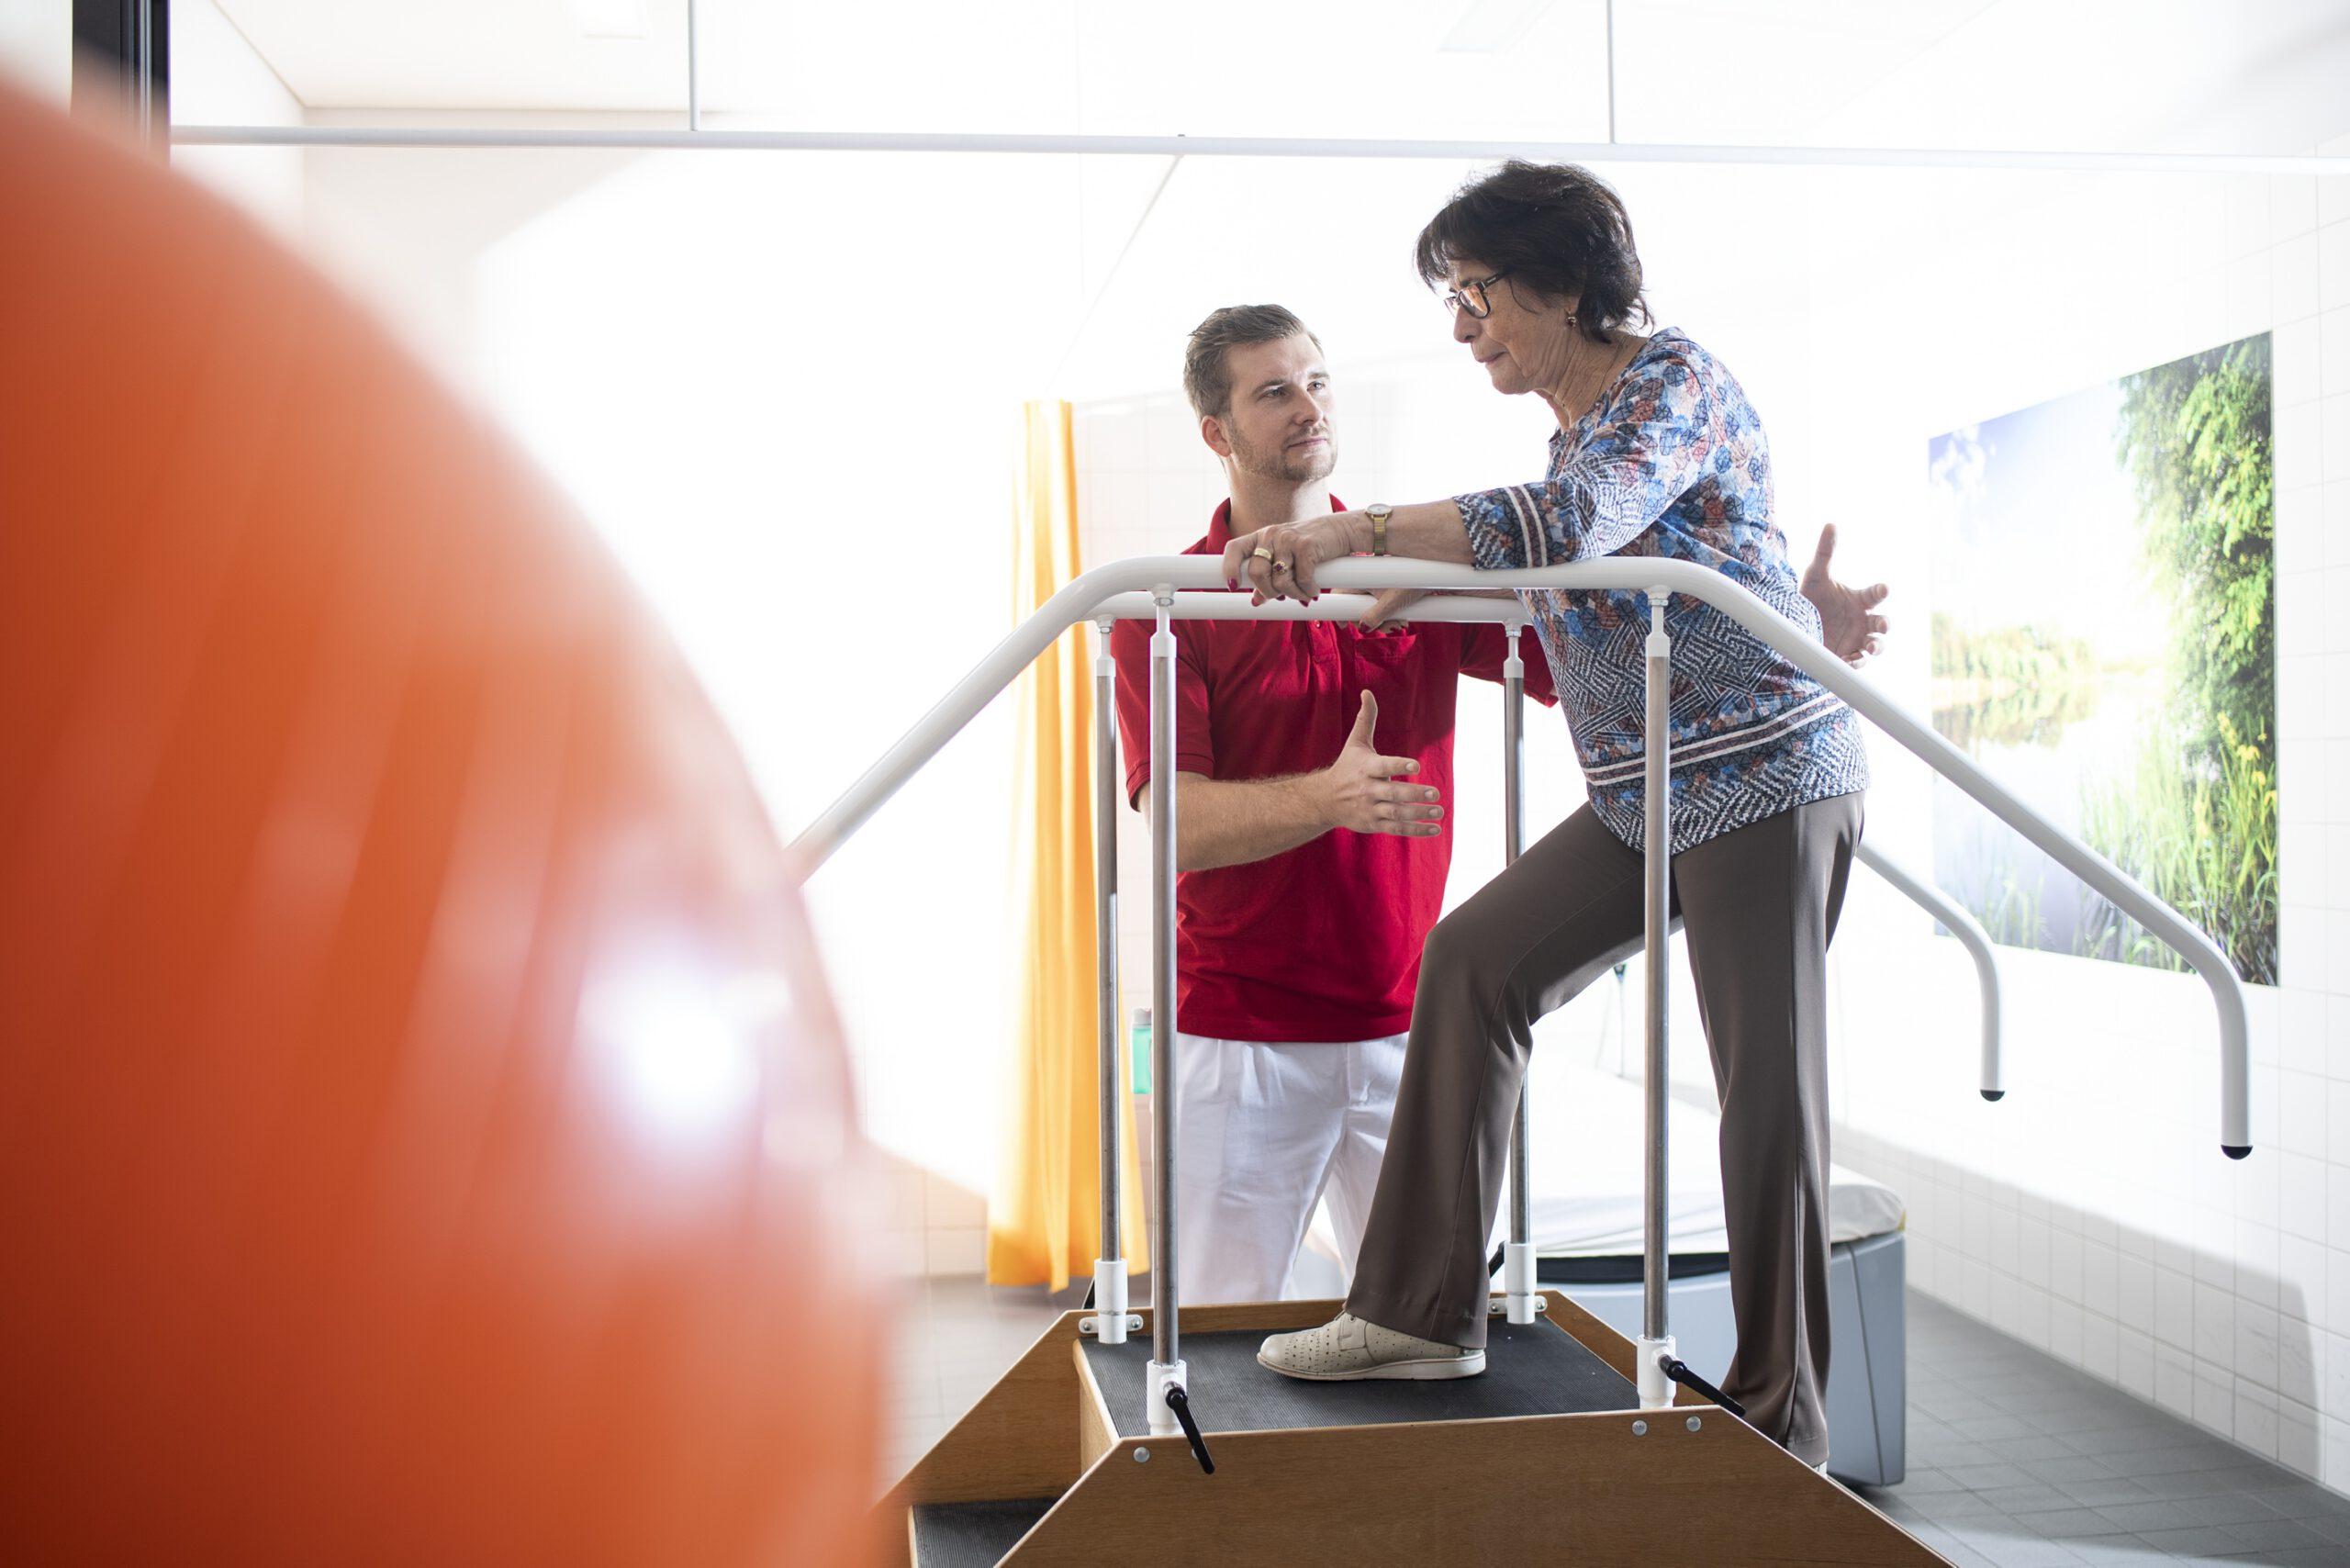 Medizinischer Infoabend  ATZ - das Alterstraumatologische Zentrum  Was das ganzheitliche Konzept so erfolgreich macht